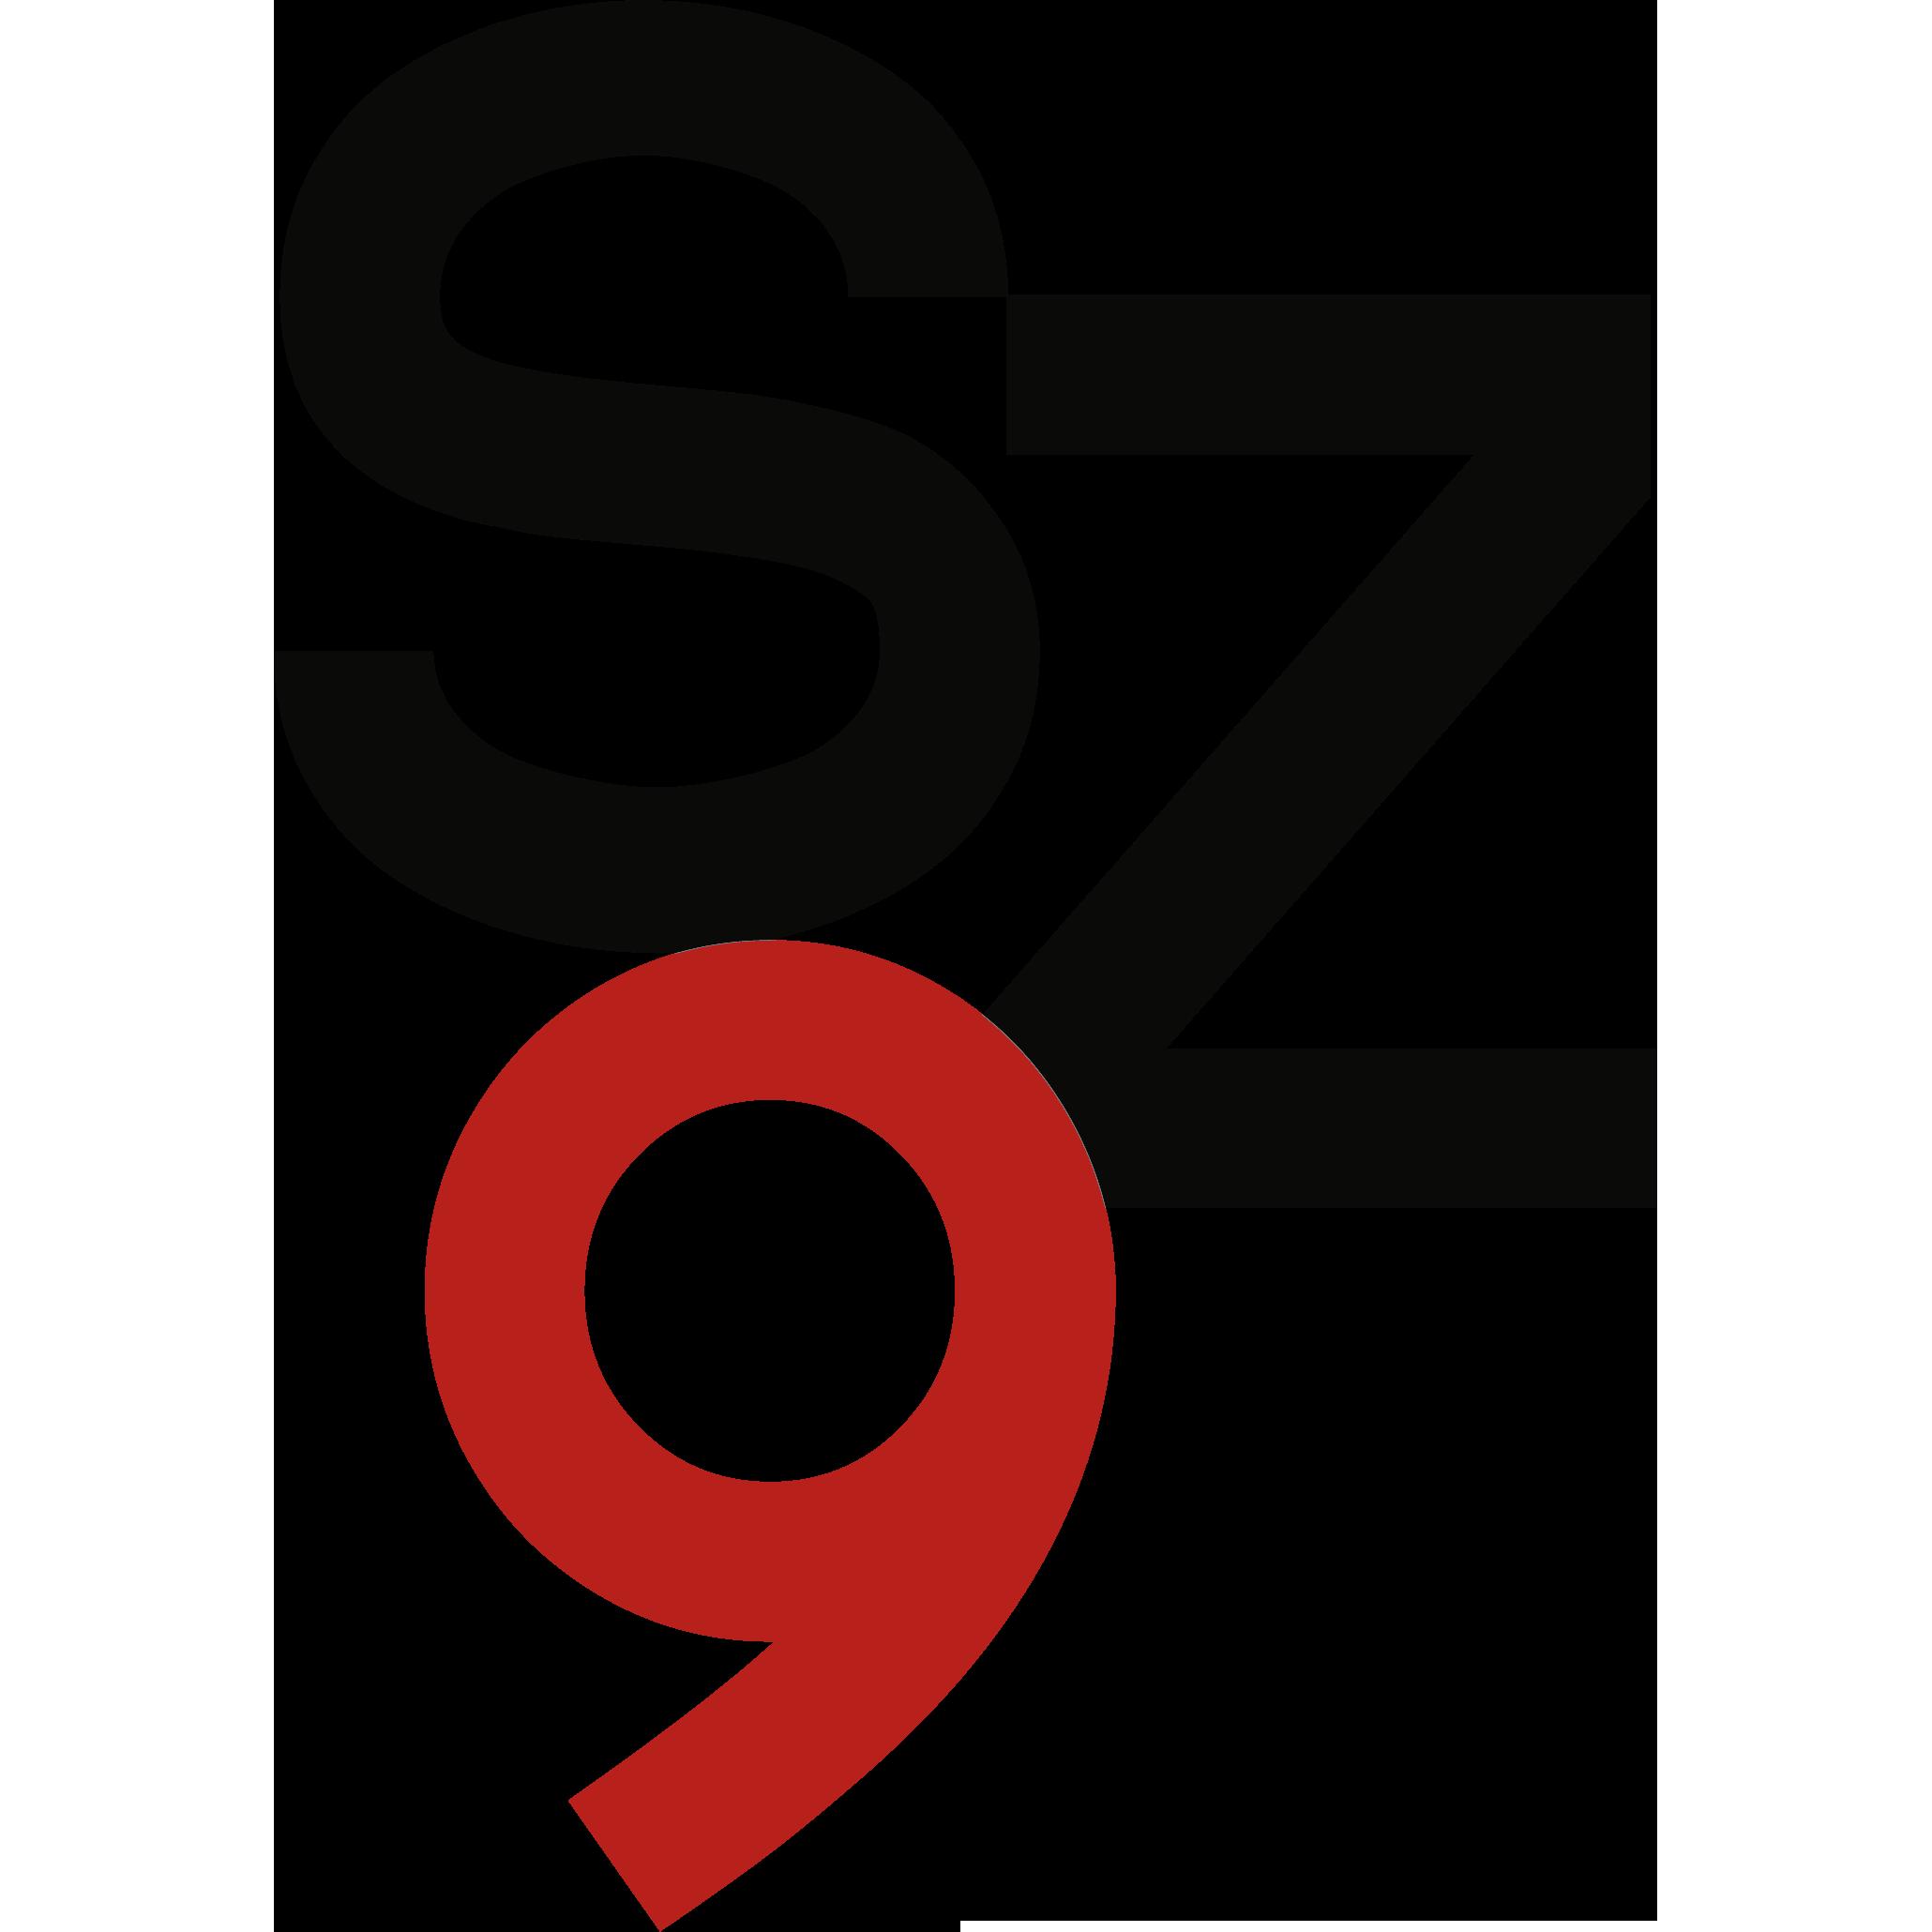 https://homelessfestival.org/wp-content/uploads/2021/09/Logo-Santurzine9-n-100x100-1.png